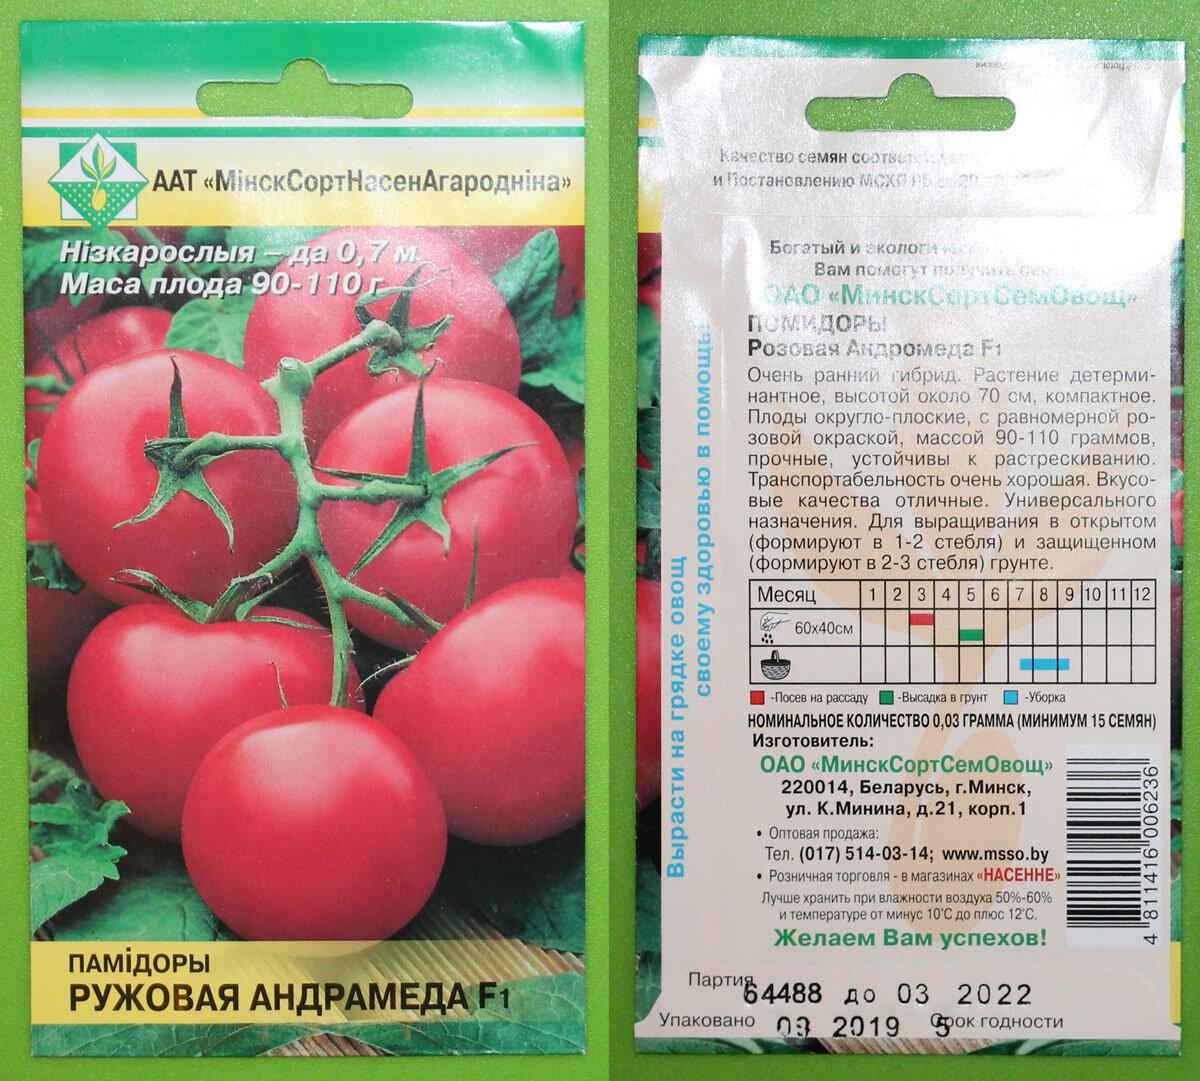 Томат астраханский: описание и характеристика сорта, урожайность | tomatland.ru